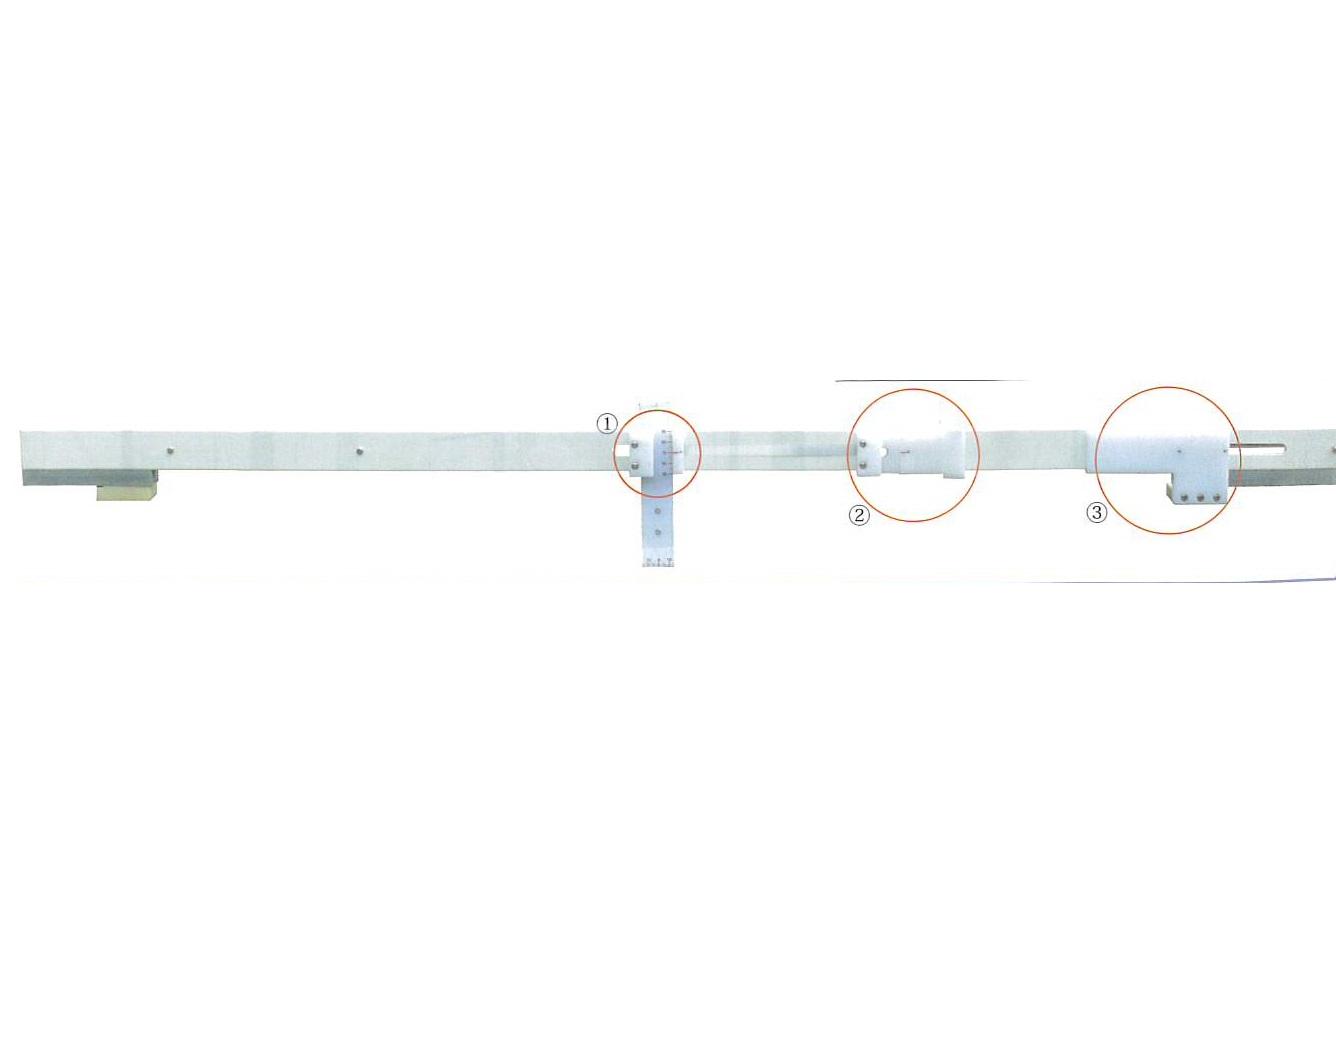 宣真工業 鉄道シリーズ 地上子設置位置測定器 100%品質保証 TD10-1435-16 付与 全長1.6m P形